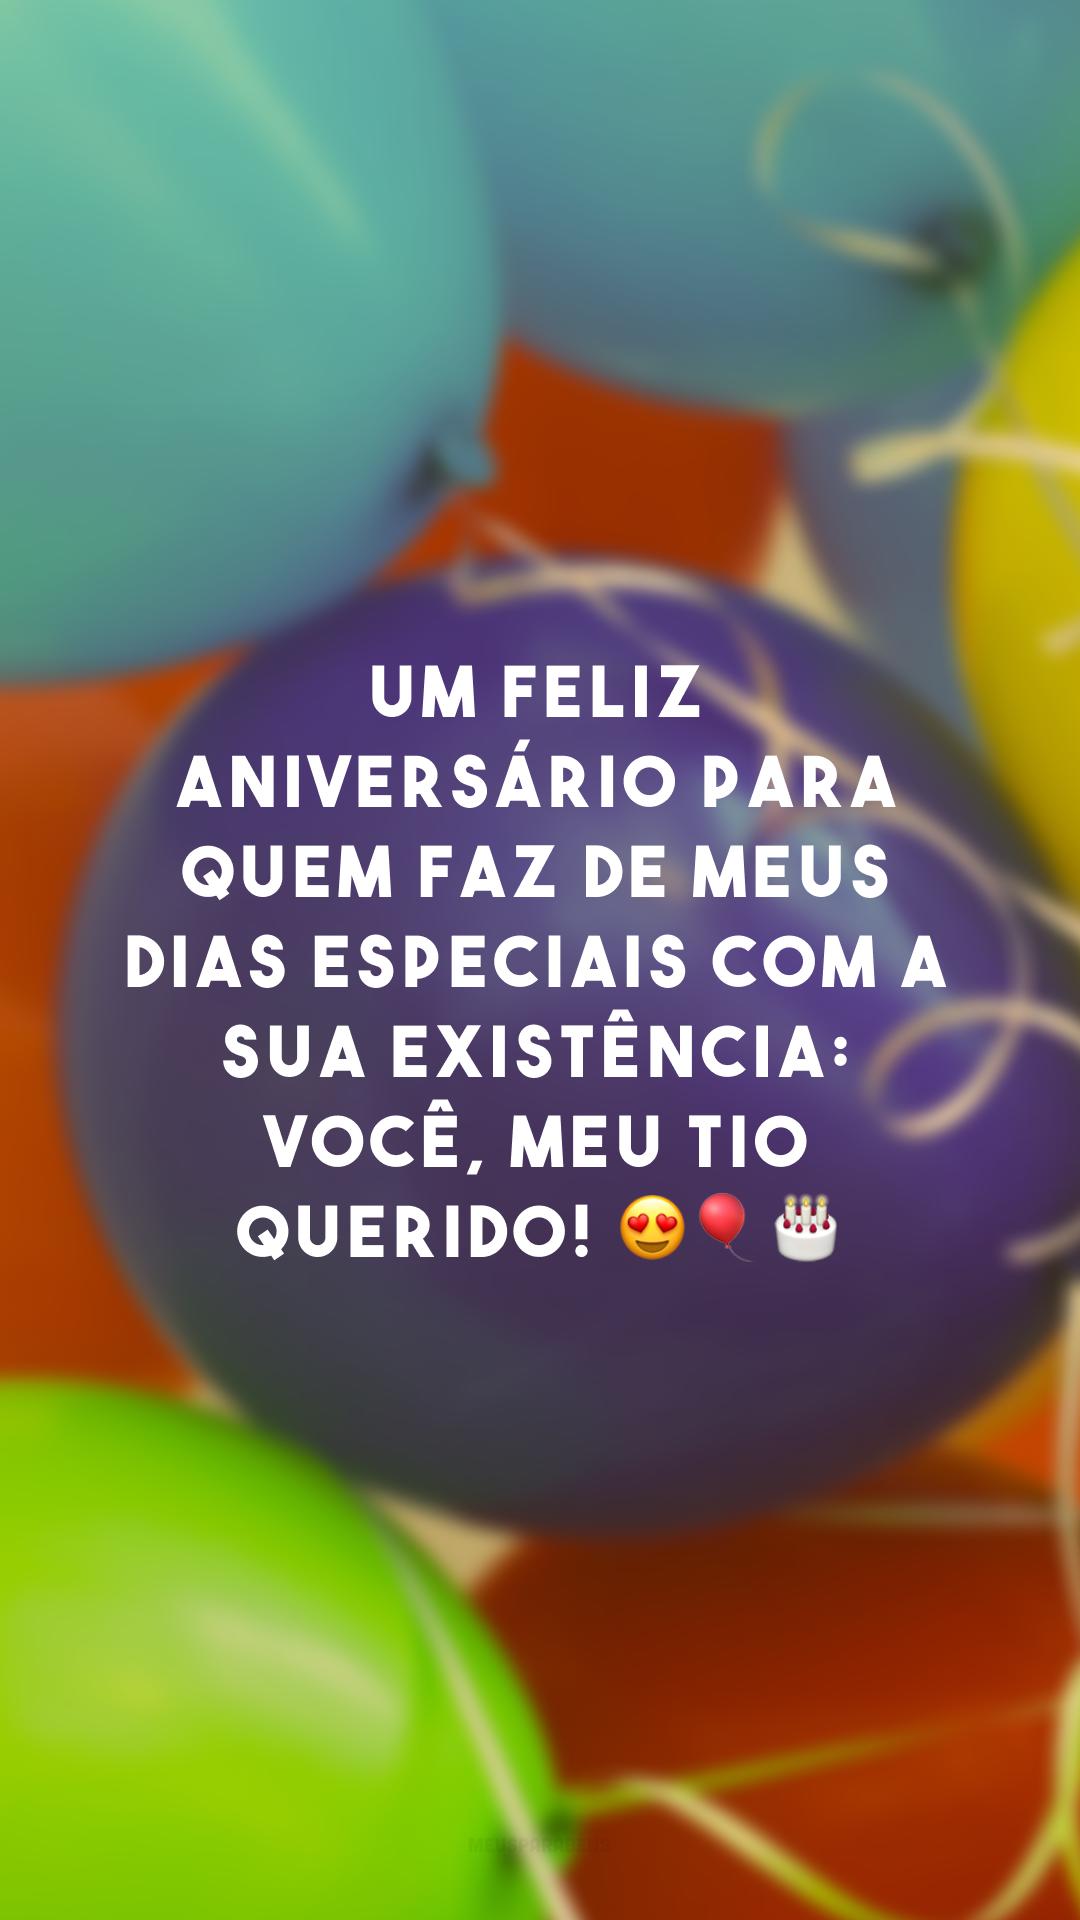 Um feliz aniversário para quem faz de meus dias especiais com a sua existência: você, meu tio querido! 😍🎈🎂